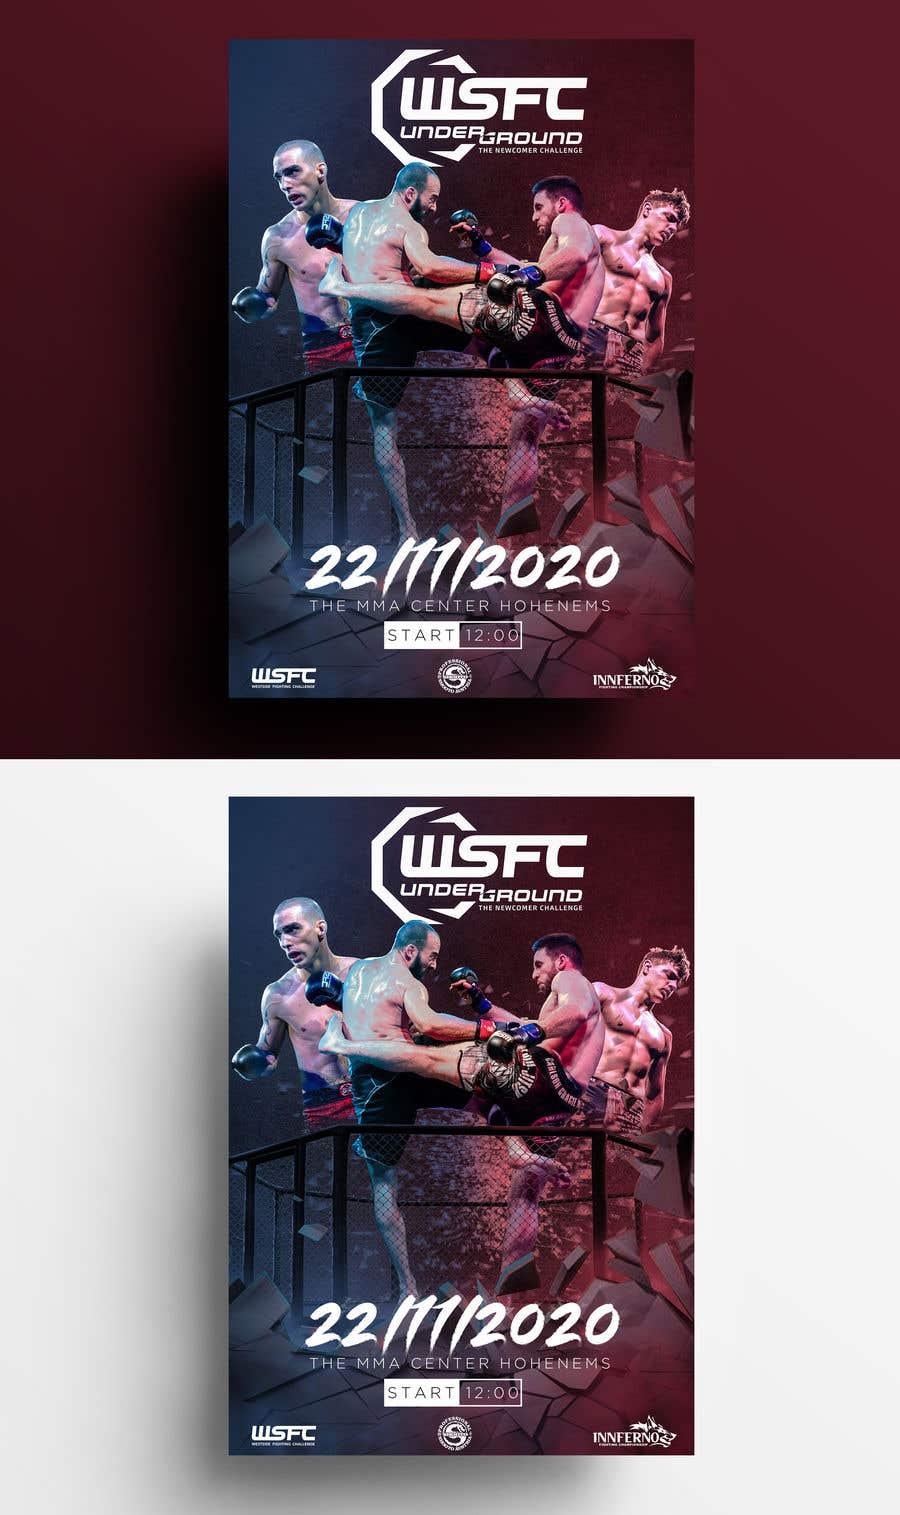 Bài tham dự cuộc thi #                                        27                                      cho                                         WSFC Underground Poster